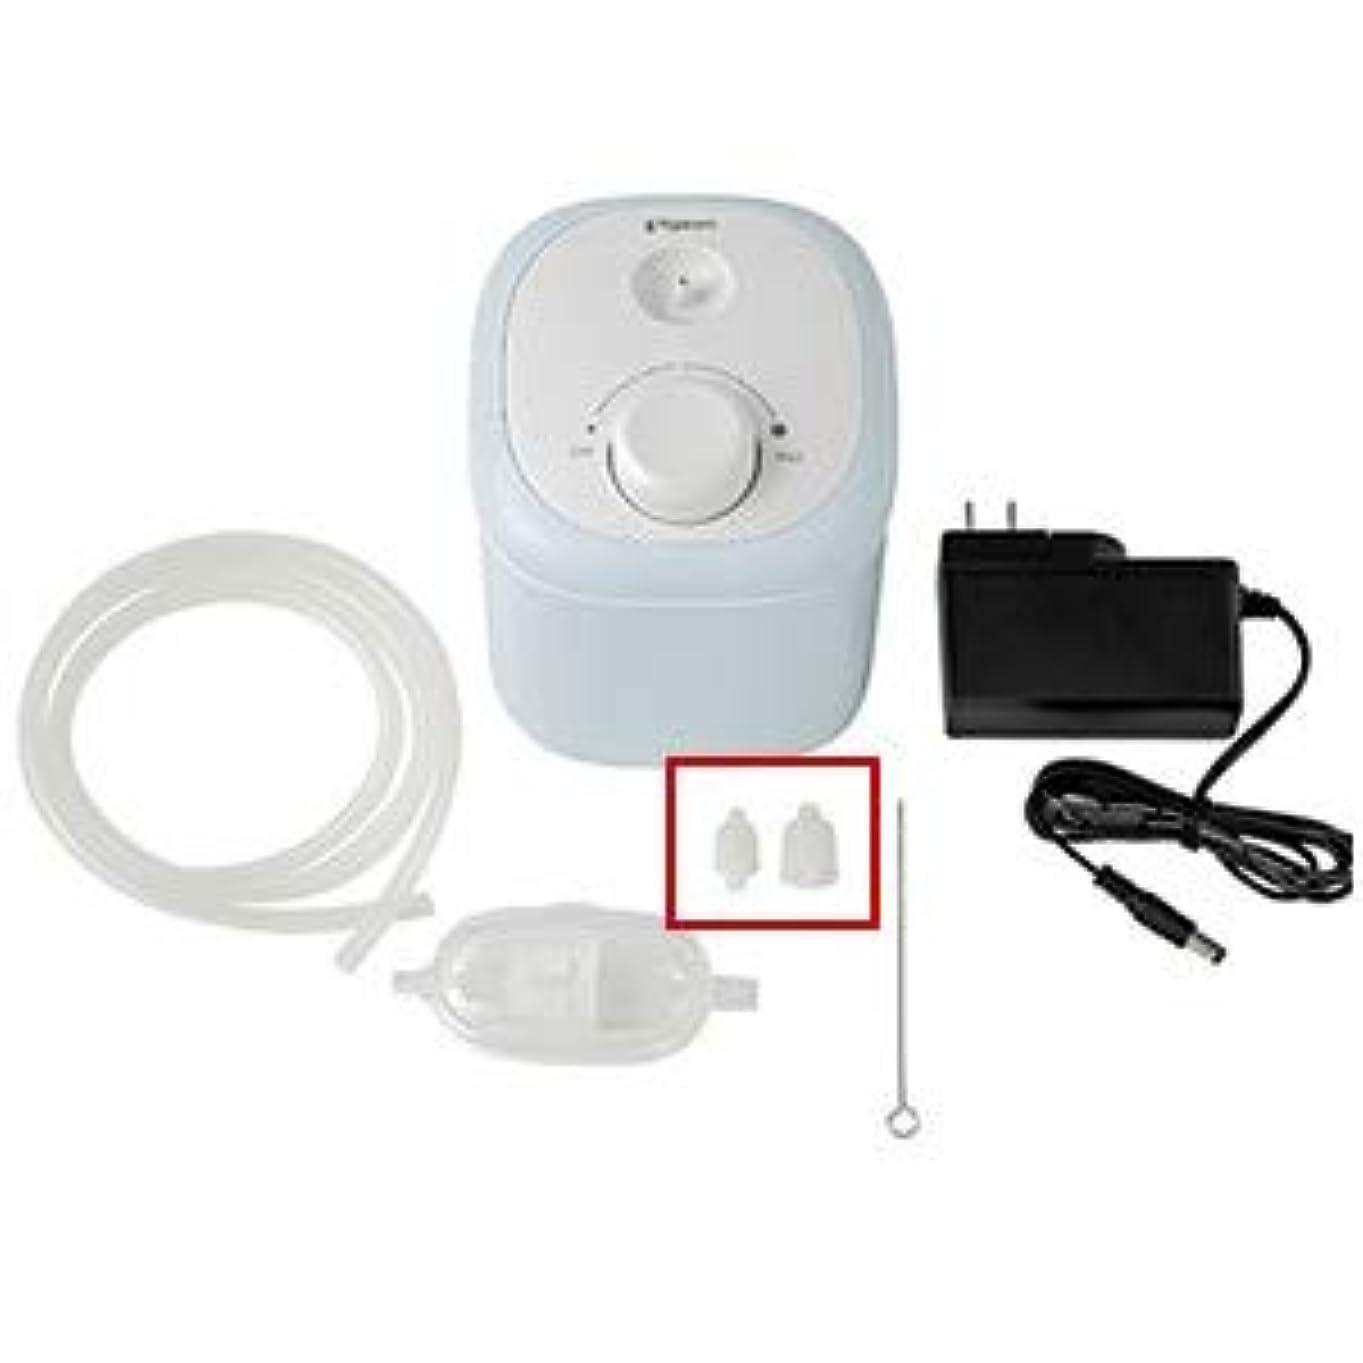 電動鼻吸い器 フィット鼻ノズルS?M(1組)※パーツ販売のため簡易包装